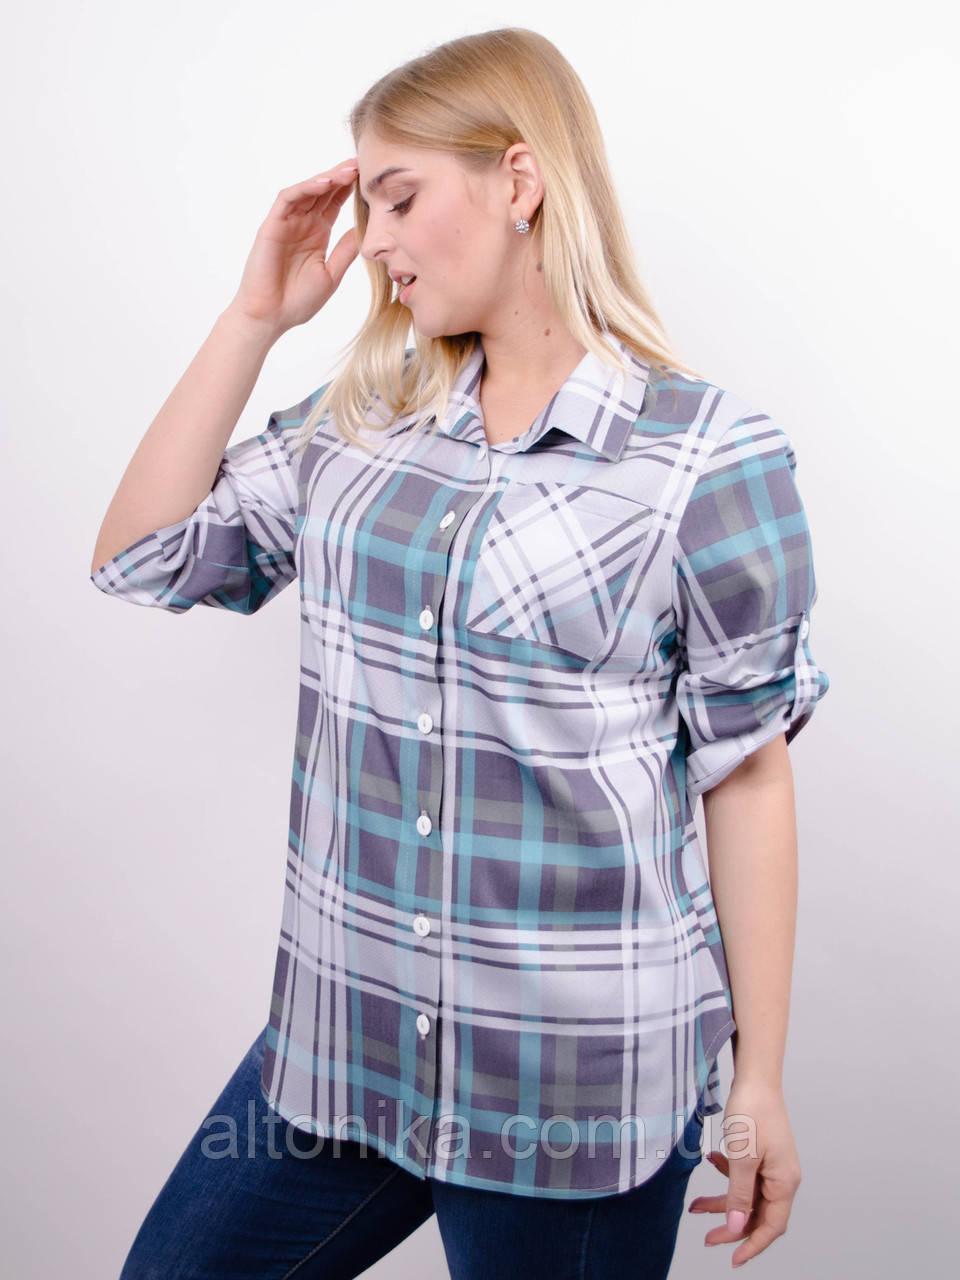 Делюкс. Стильна жіноча сорочка плюс сайз. Клітинка бірюза.